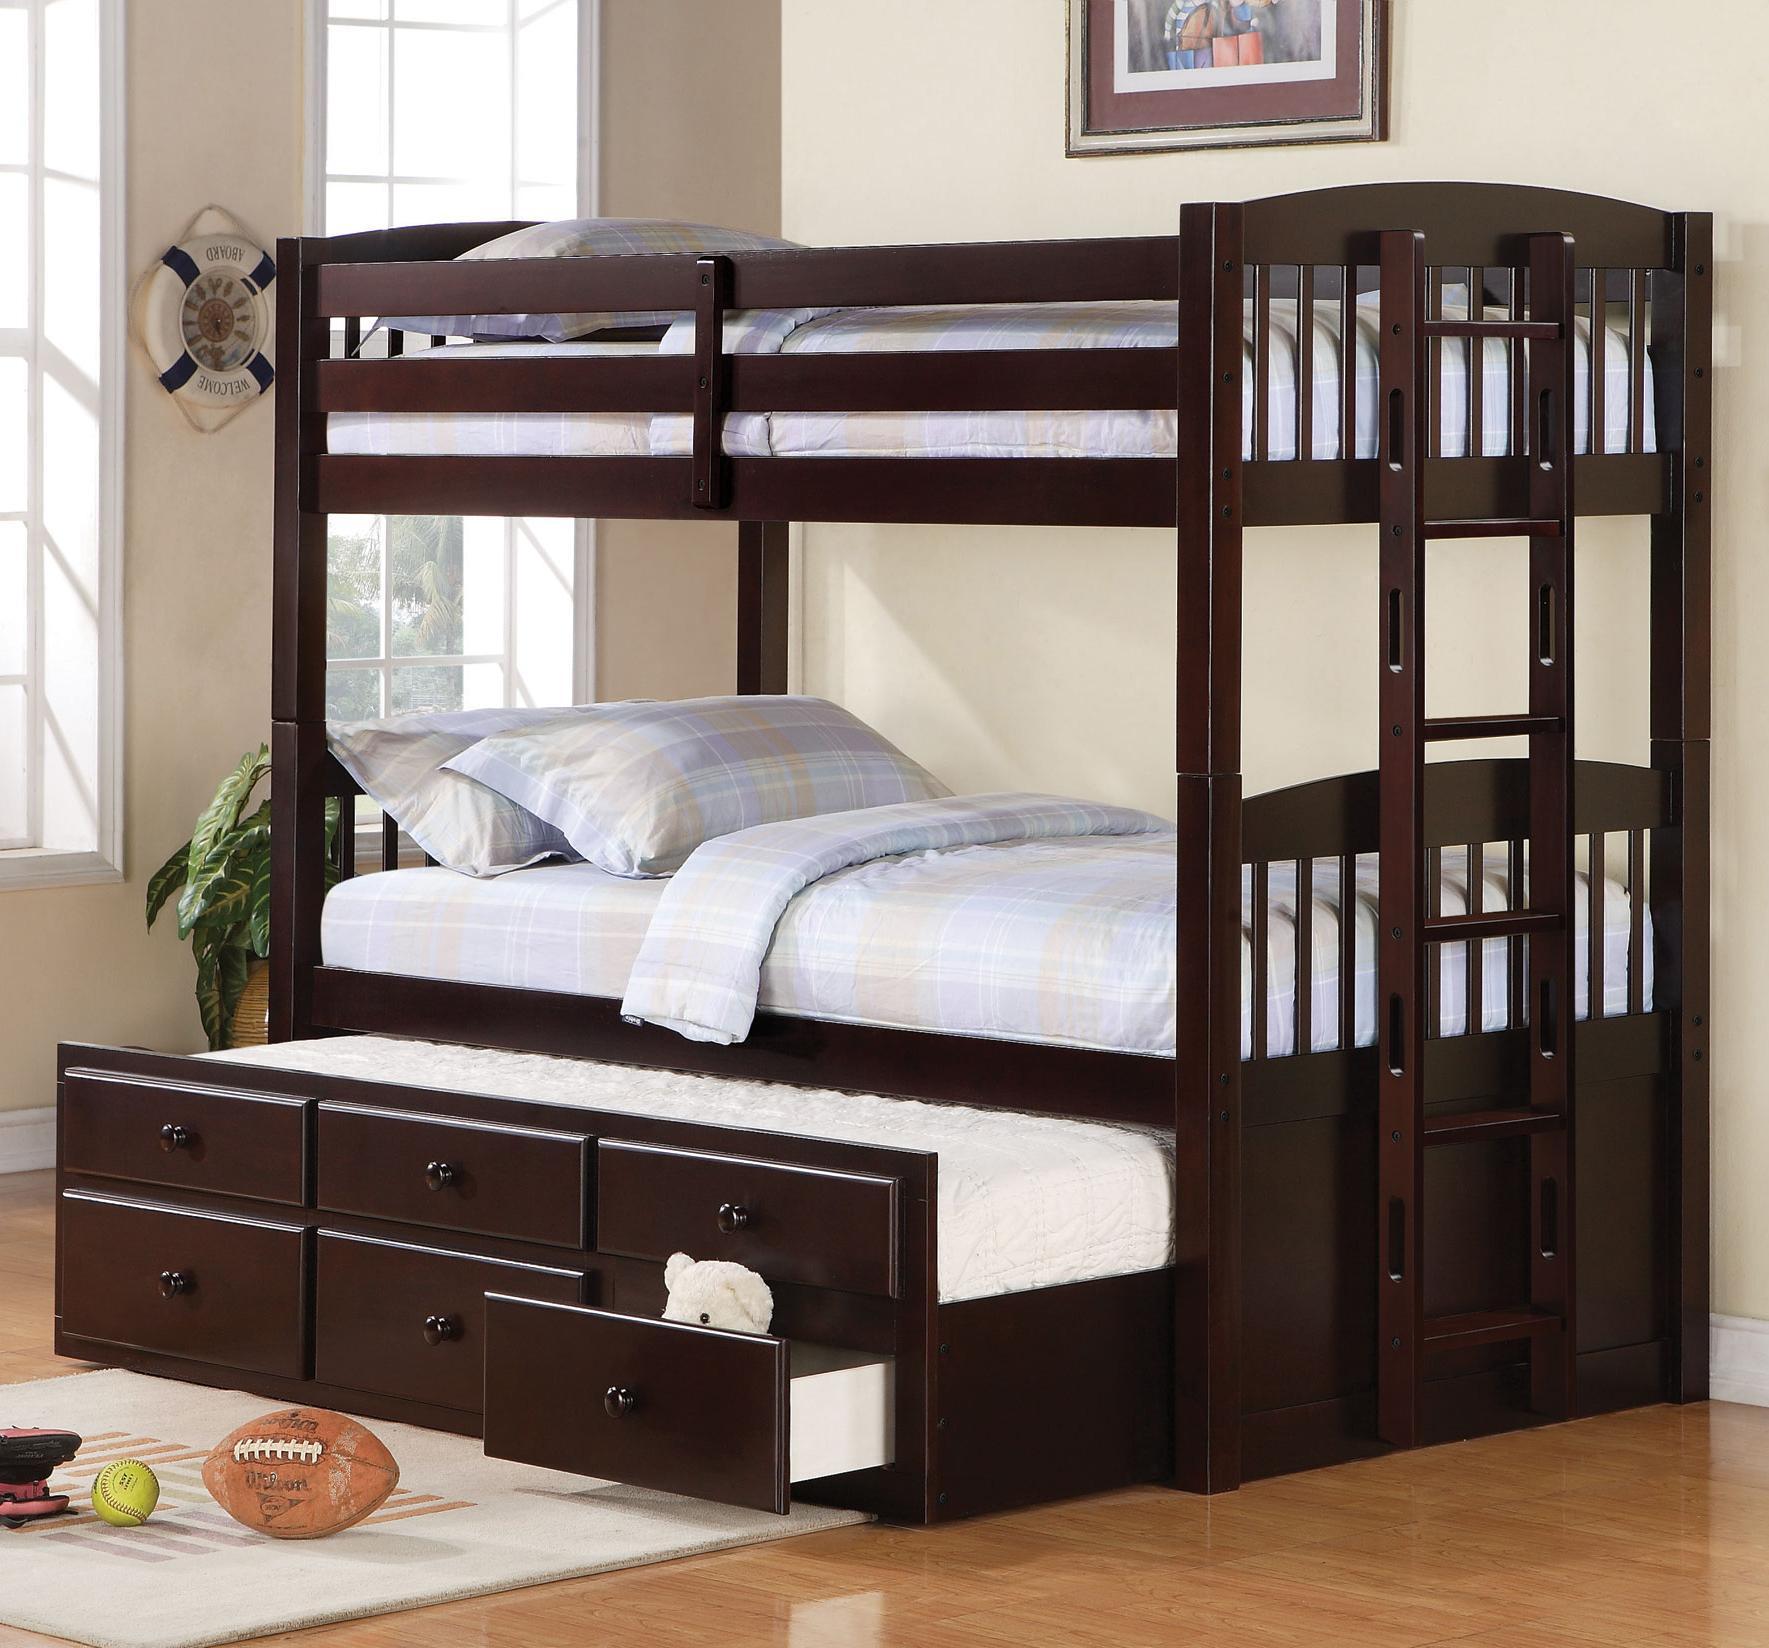 Giường tầng gỗ người lớn 1